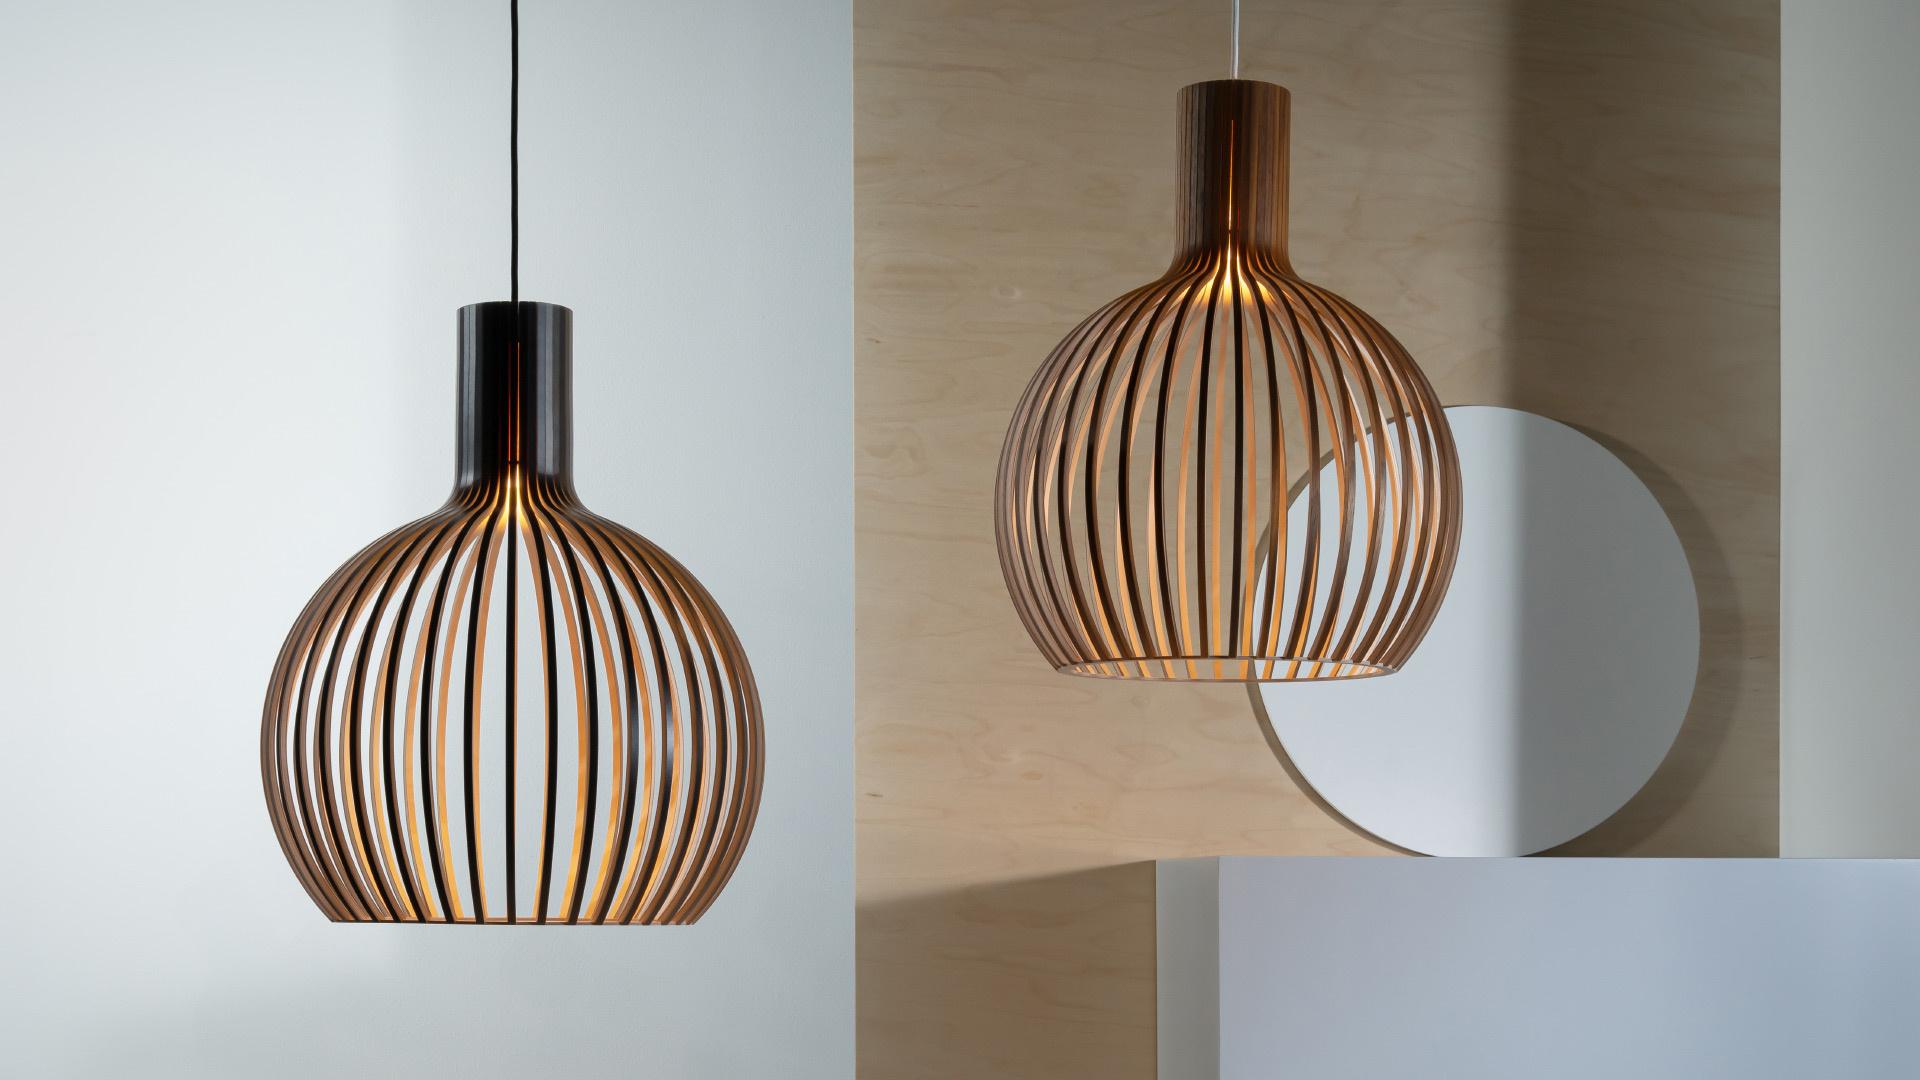 Secto-Design-Octo-Small-4241-pendant-lamp-brand-image